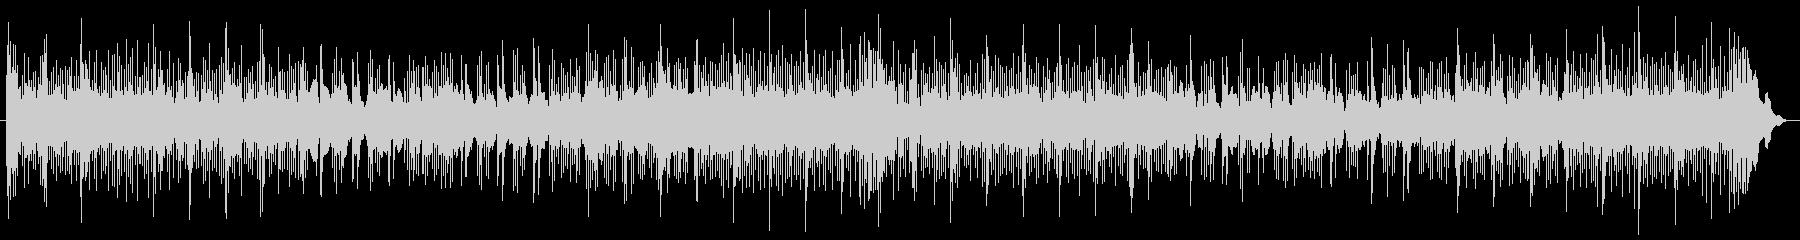 低シンセサイザーパッドとバスドラム...の未再生の波形